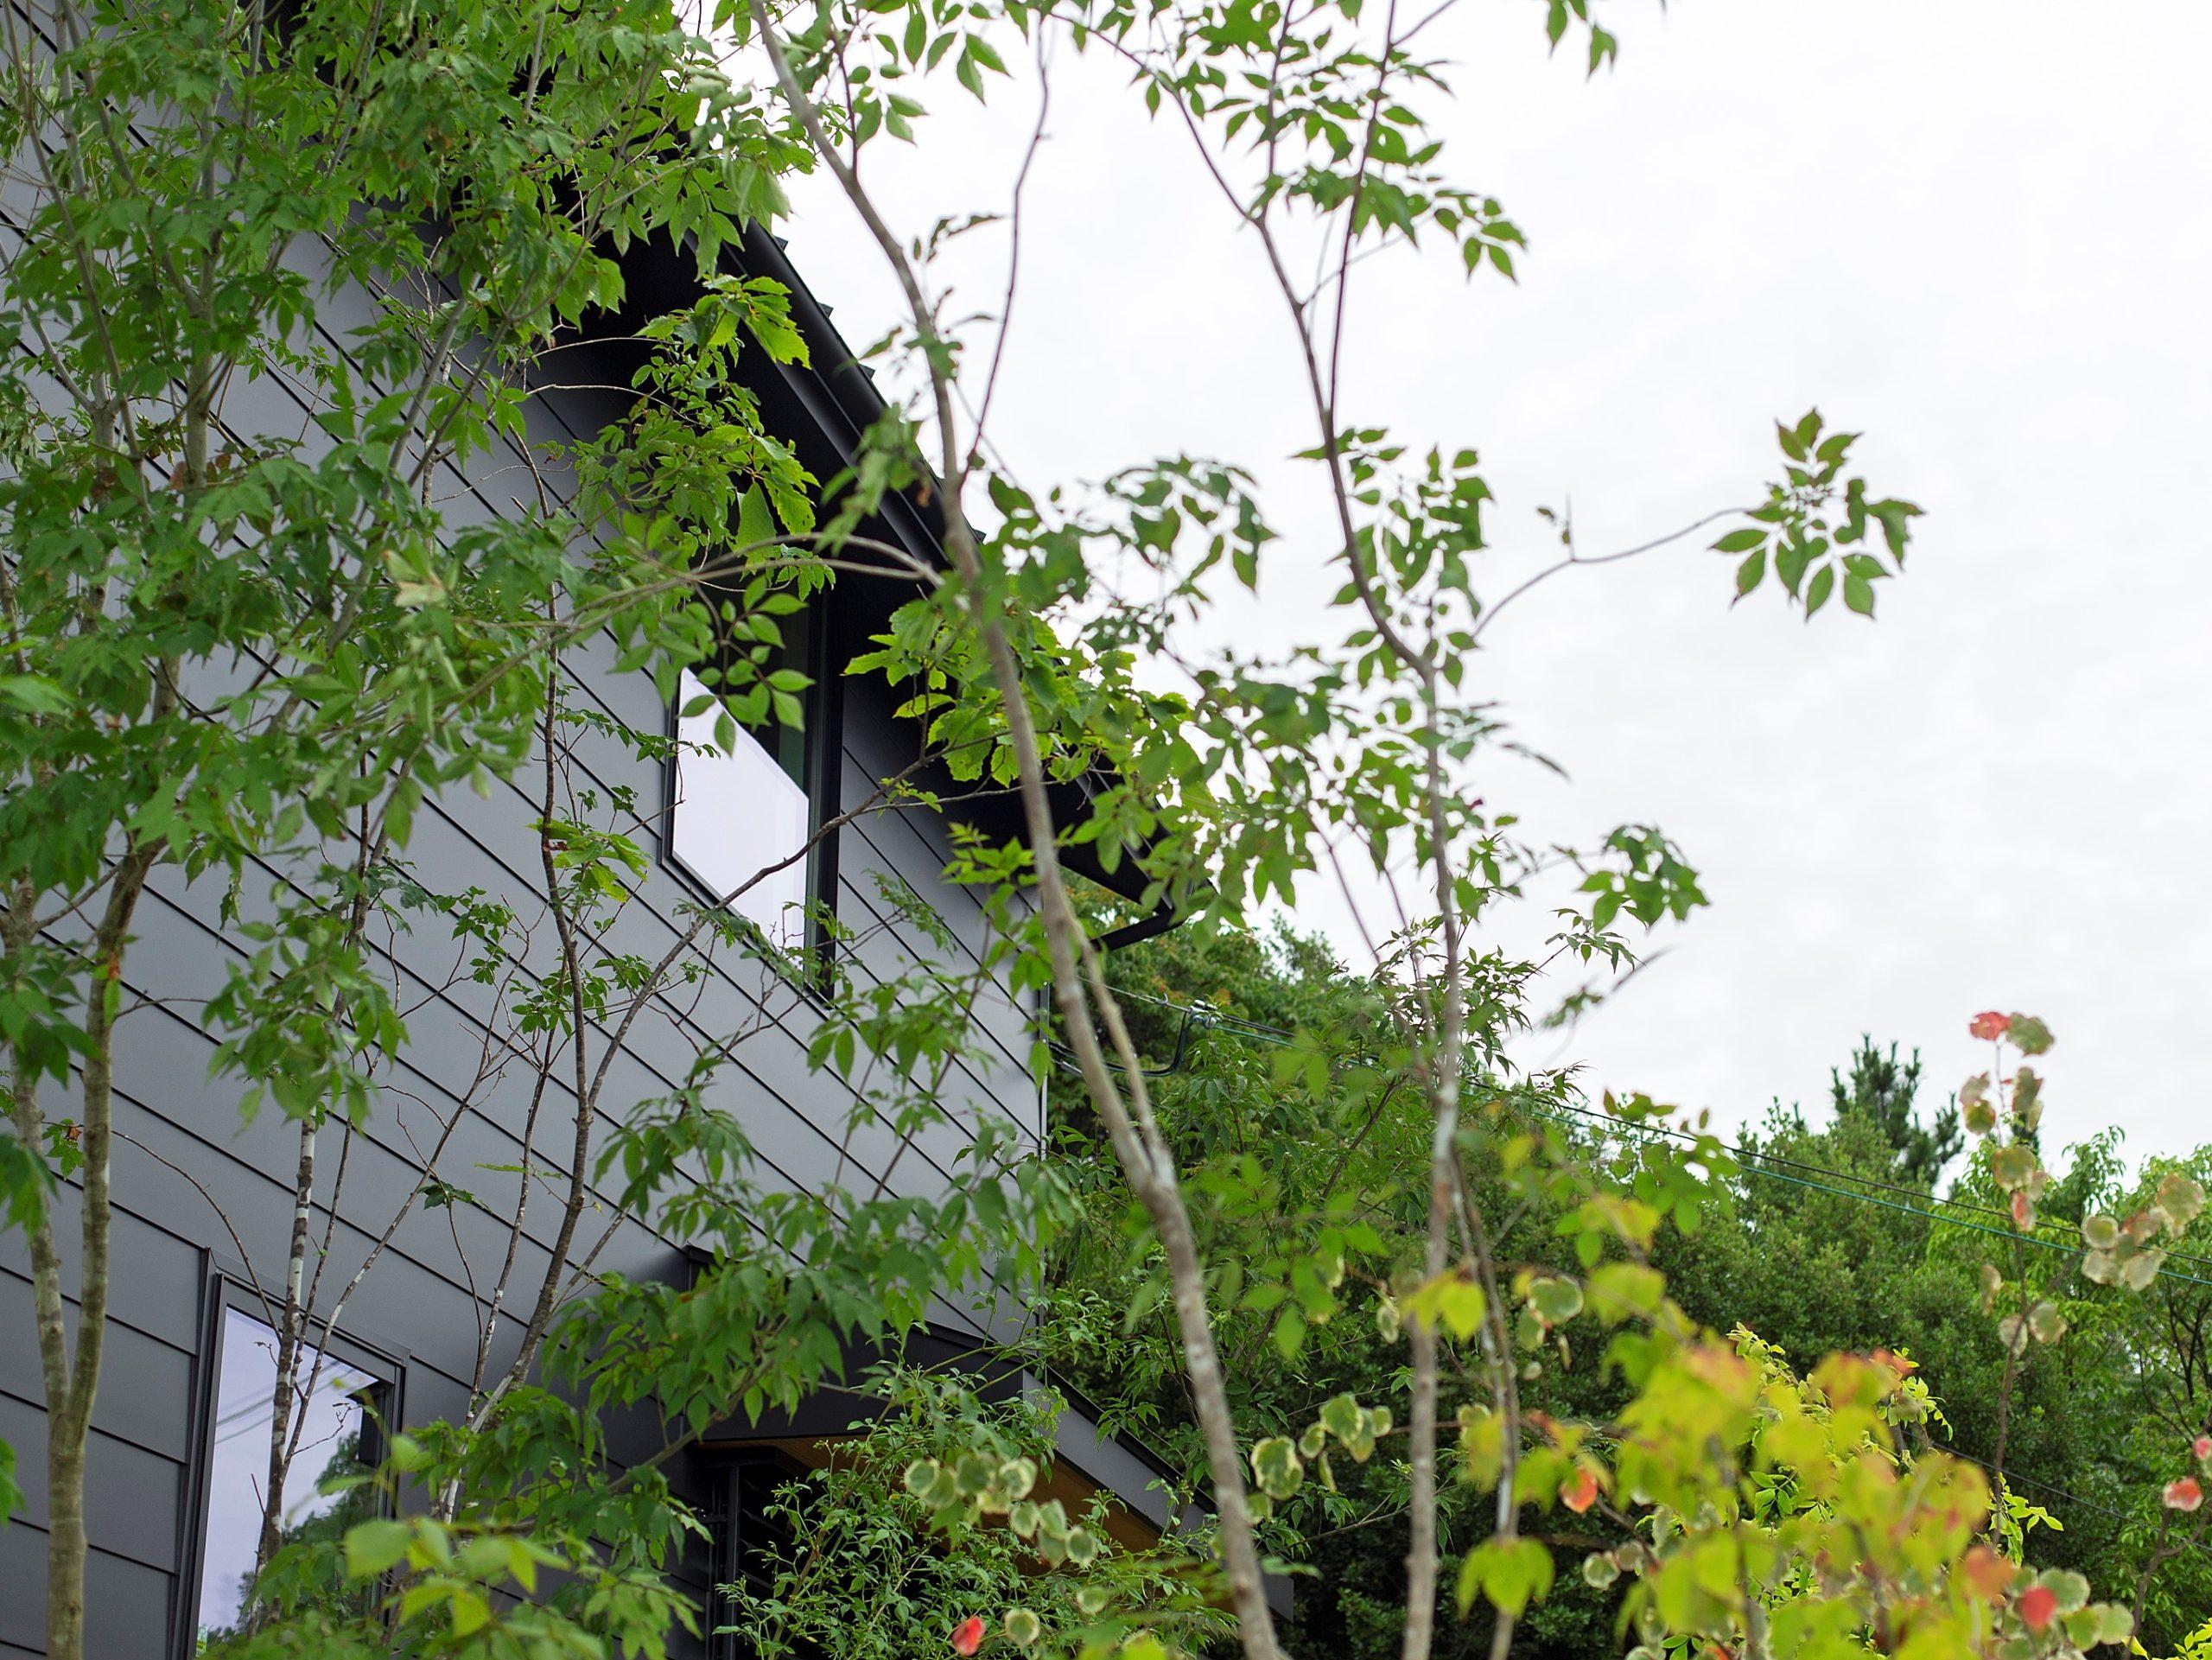 黒いガルバリウムの外壁に緑が映えます。風に揺れる木々を、心地よく眺める庭を